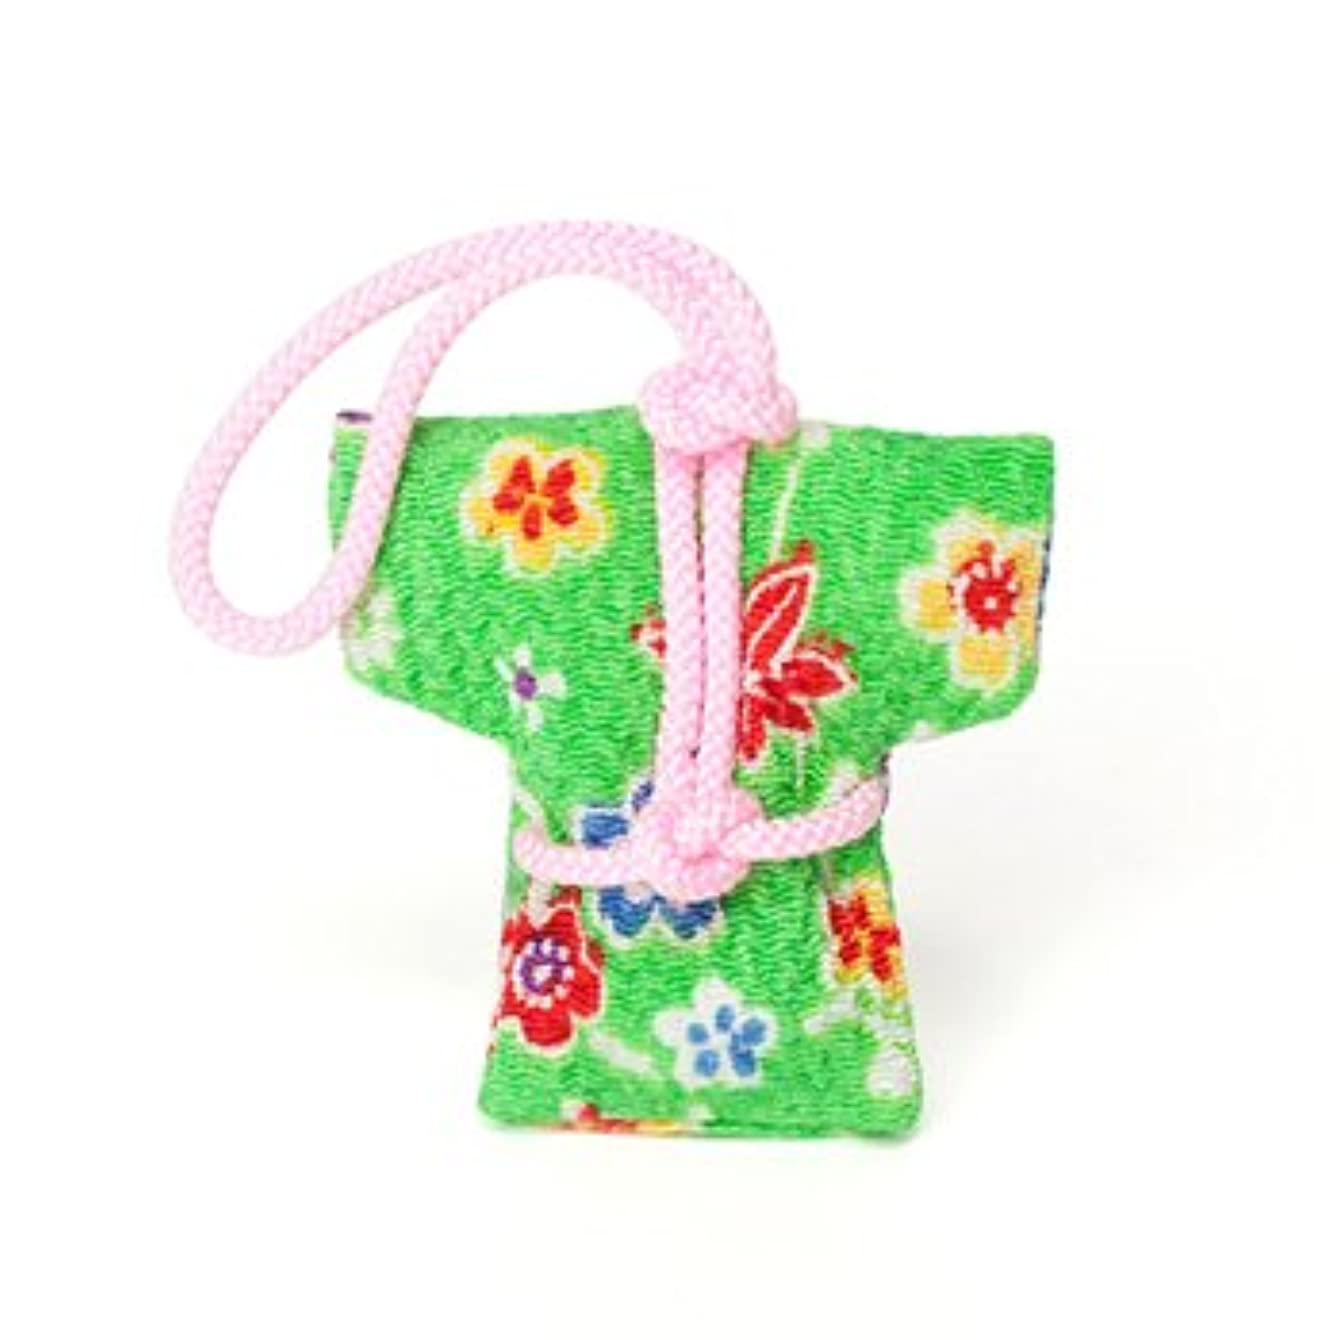 未就学ベル使役匂い袋 誰が袖 やっこさん 1個入 ケースなし (色?柄は選べません)